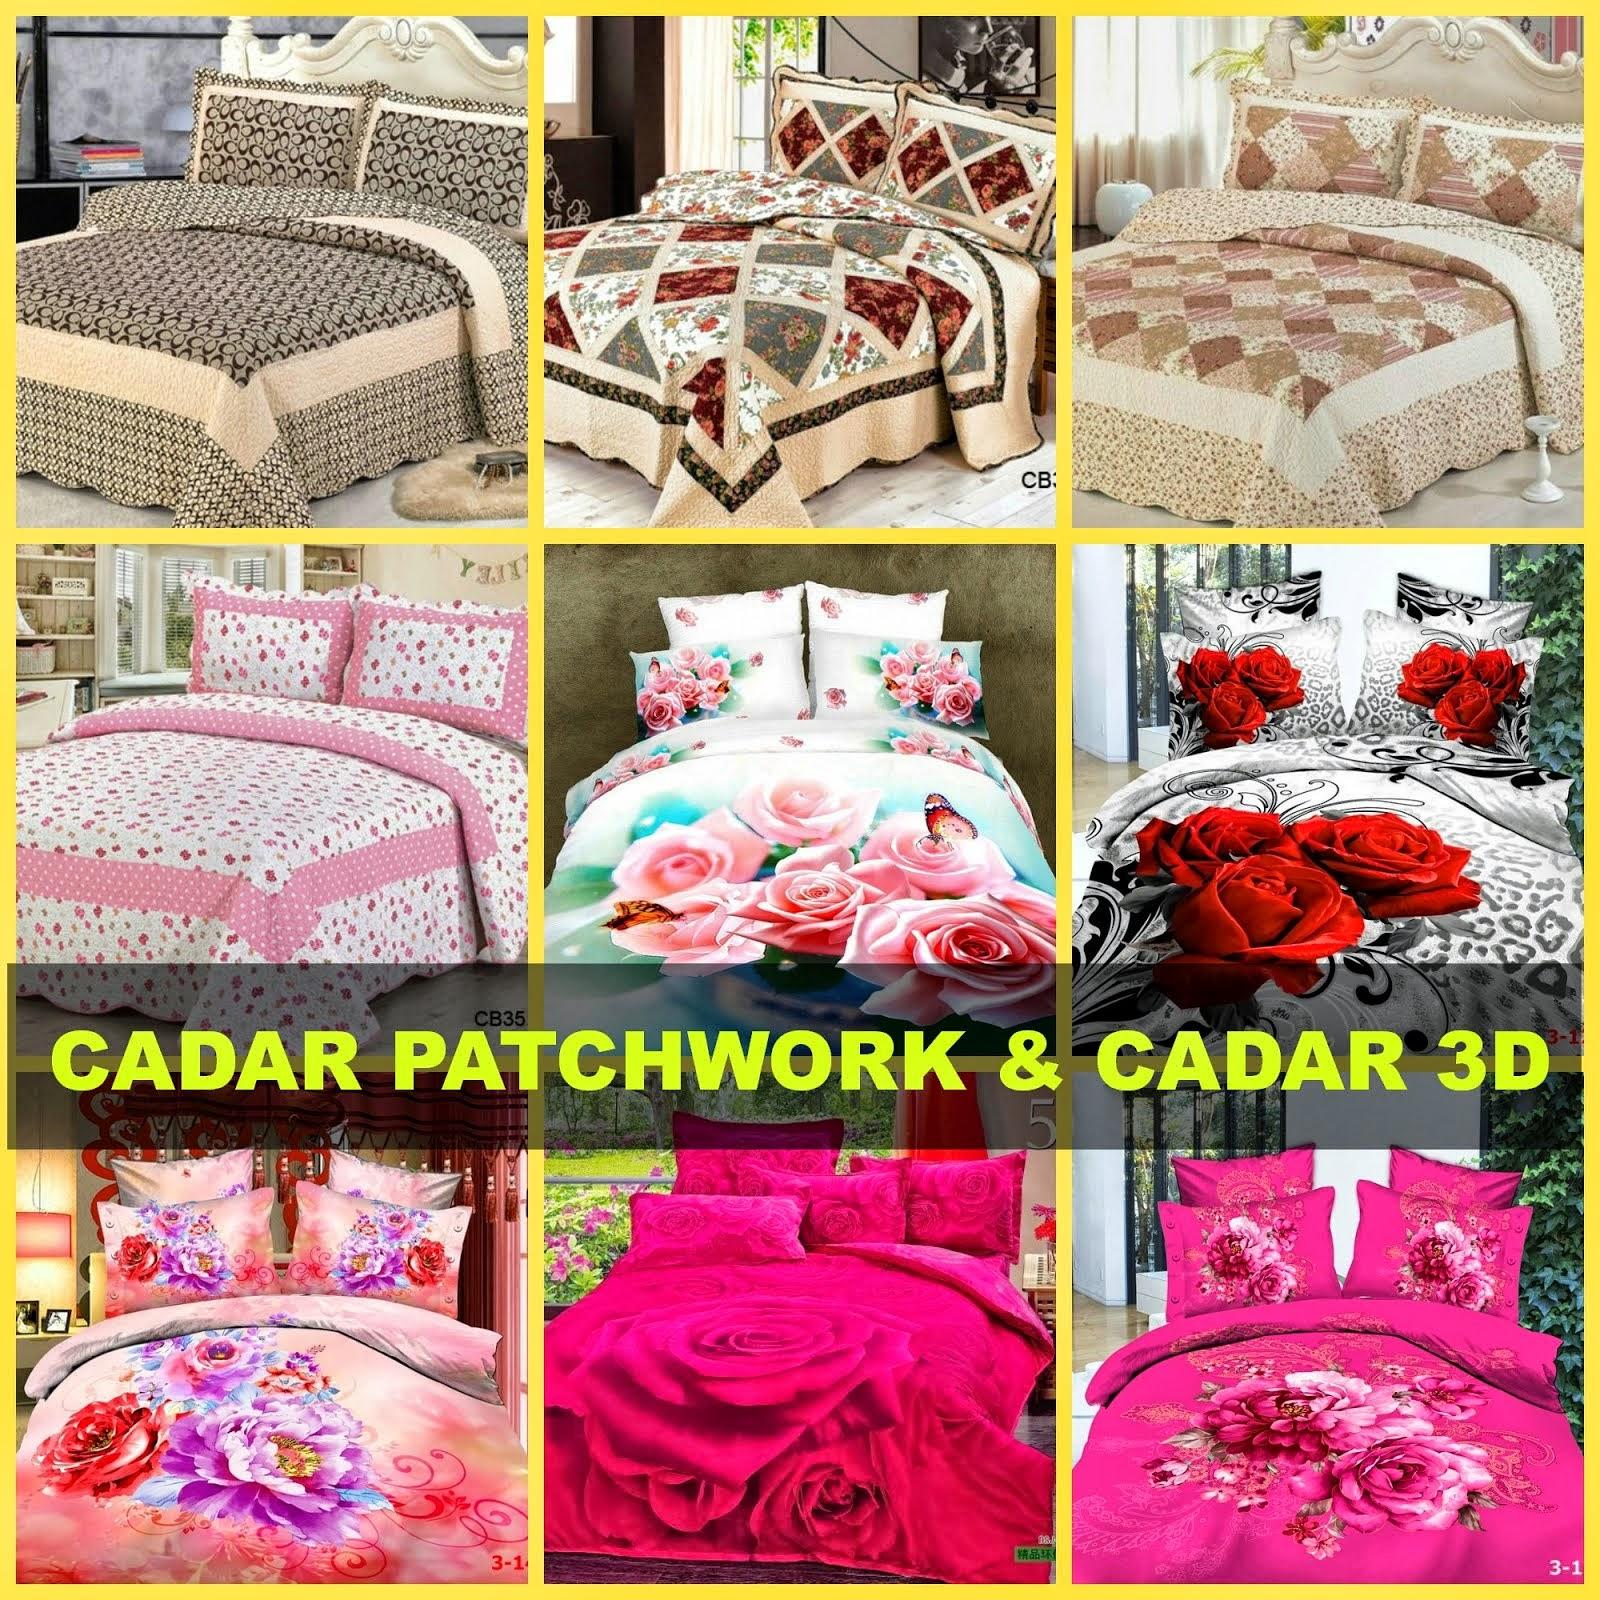 CADAR PATCHWORK & CADAR 3D